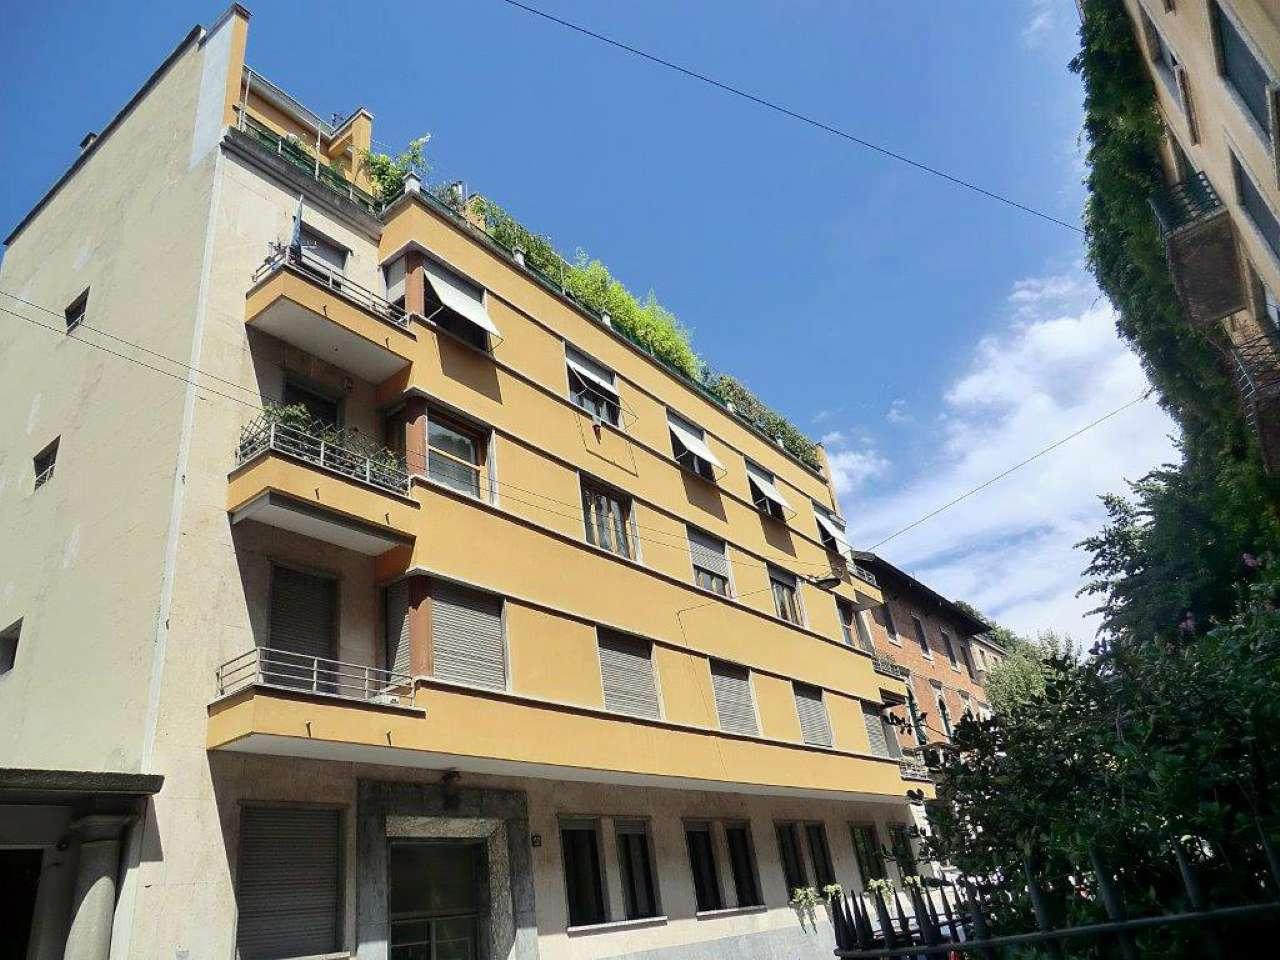 Appartamento in Affitto a Milano 01 Centro storico (Cerchia dei Navigli): 2 locali, 45 mq